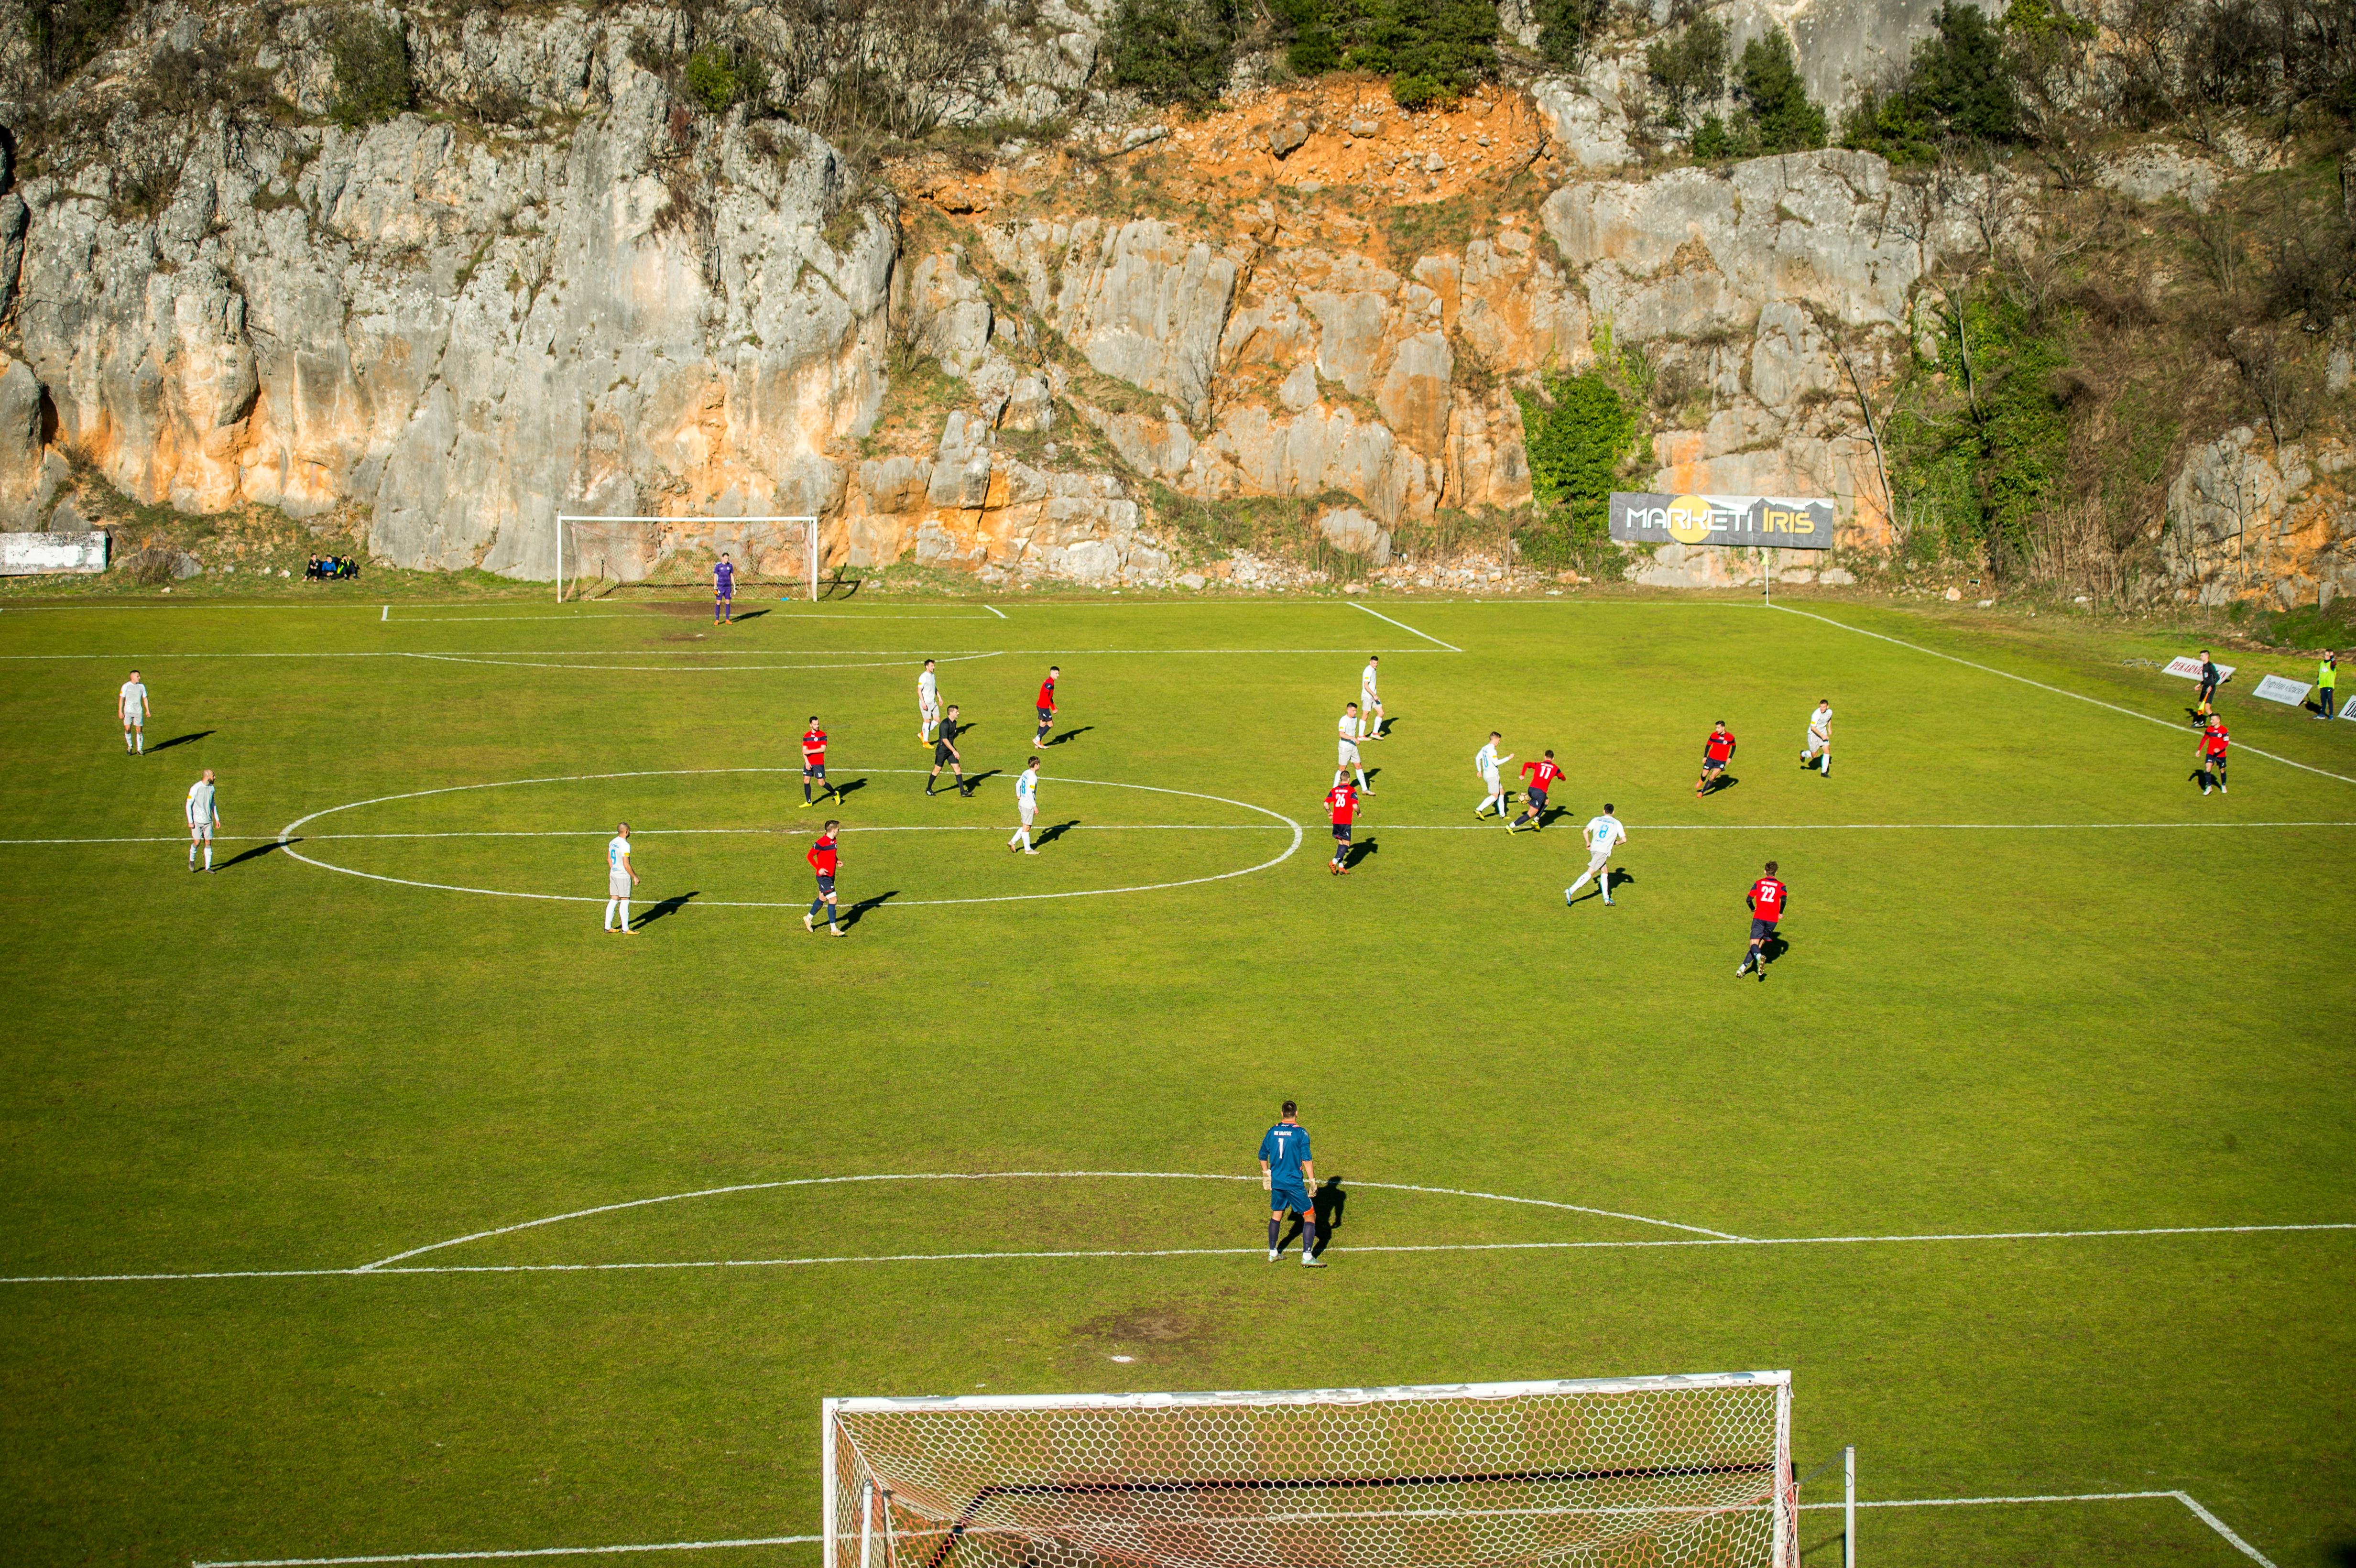 Poraz Imotskog od Croatie u prvom kolu županijskog kupa